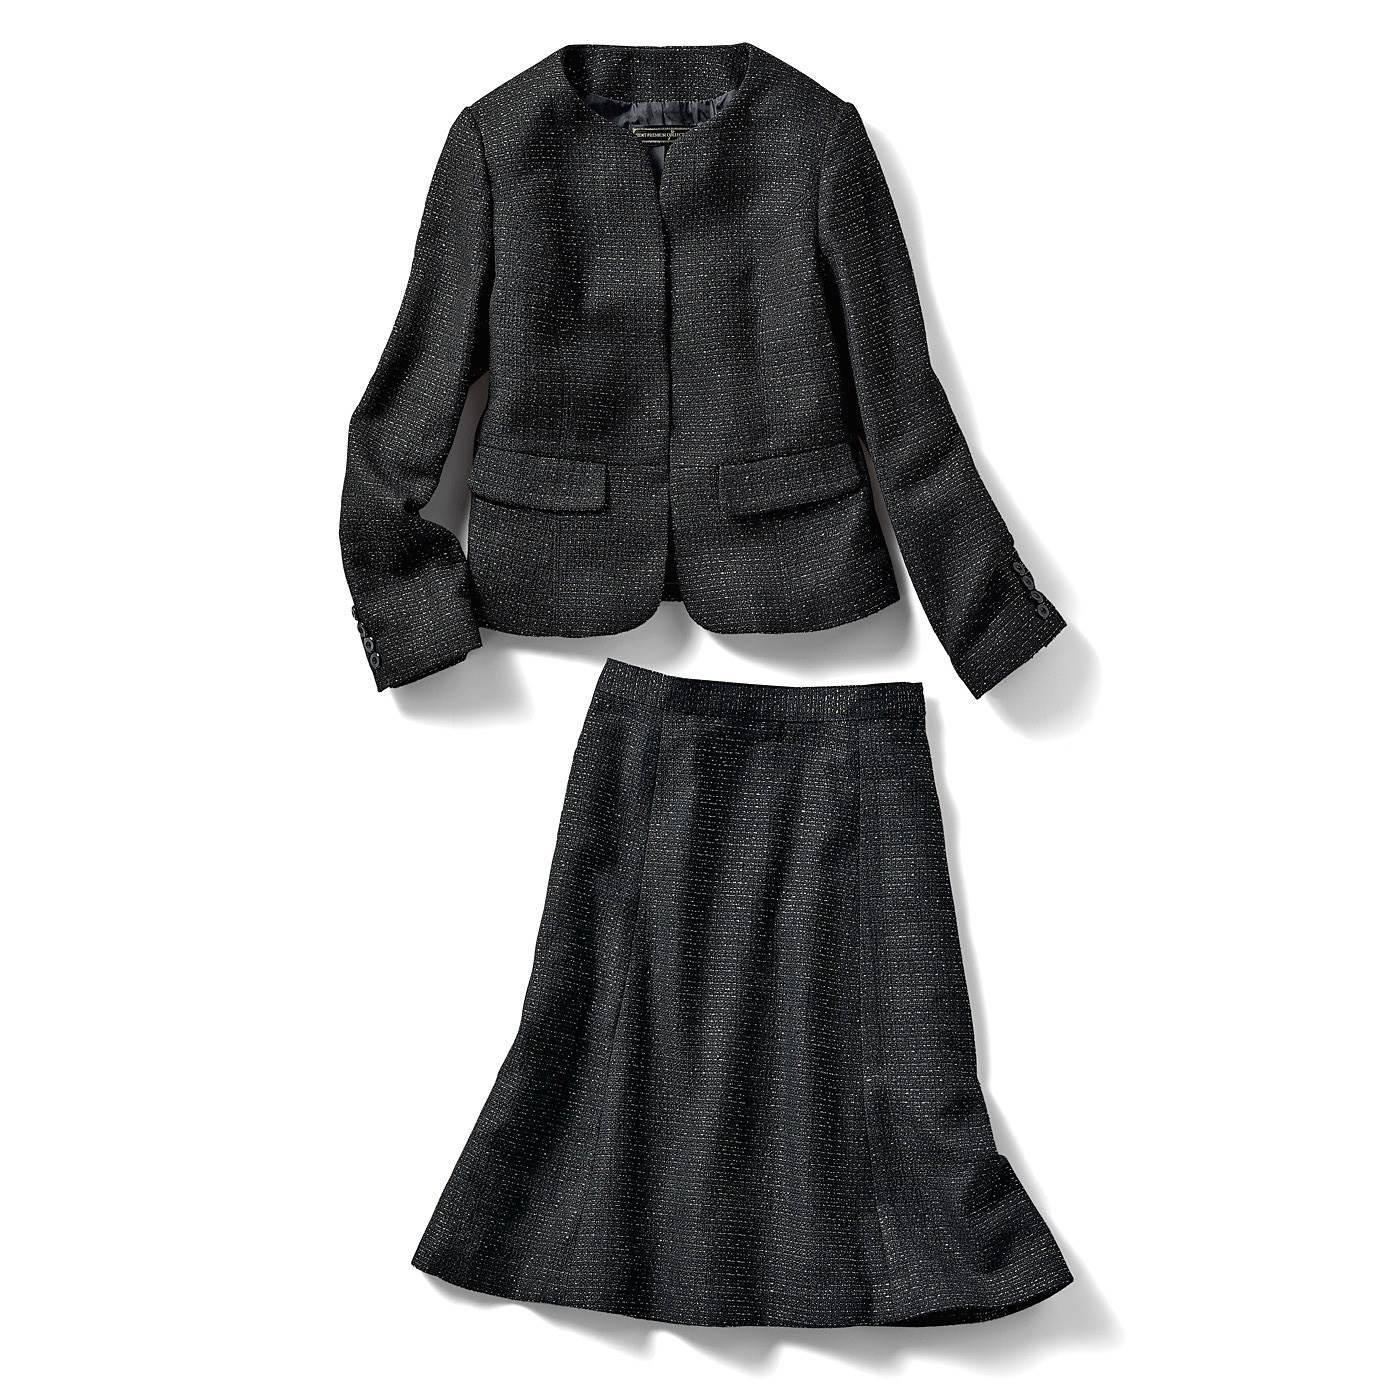 丸いカッティングが堅苦しさを感じさせないスタイリッシュなノーカラージャケット。インナーや衿もとの装飾で印象を変えられる、着回し力の高さが魅力。滑らかなフレアーラインが印象的なスカートは、大人好みのひざ丈だから、座った時も安心。